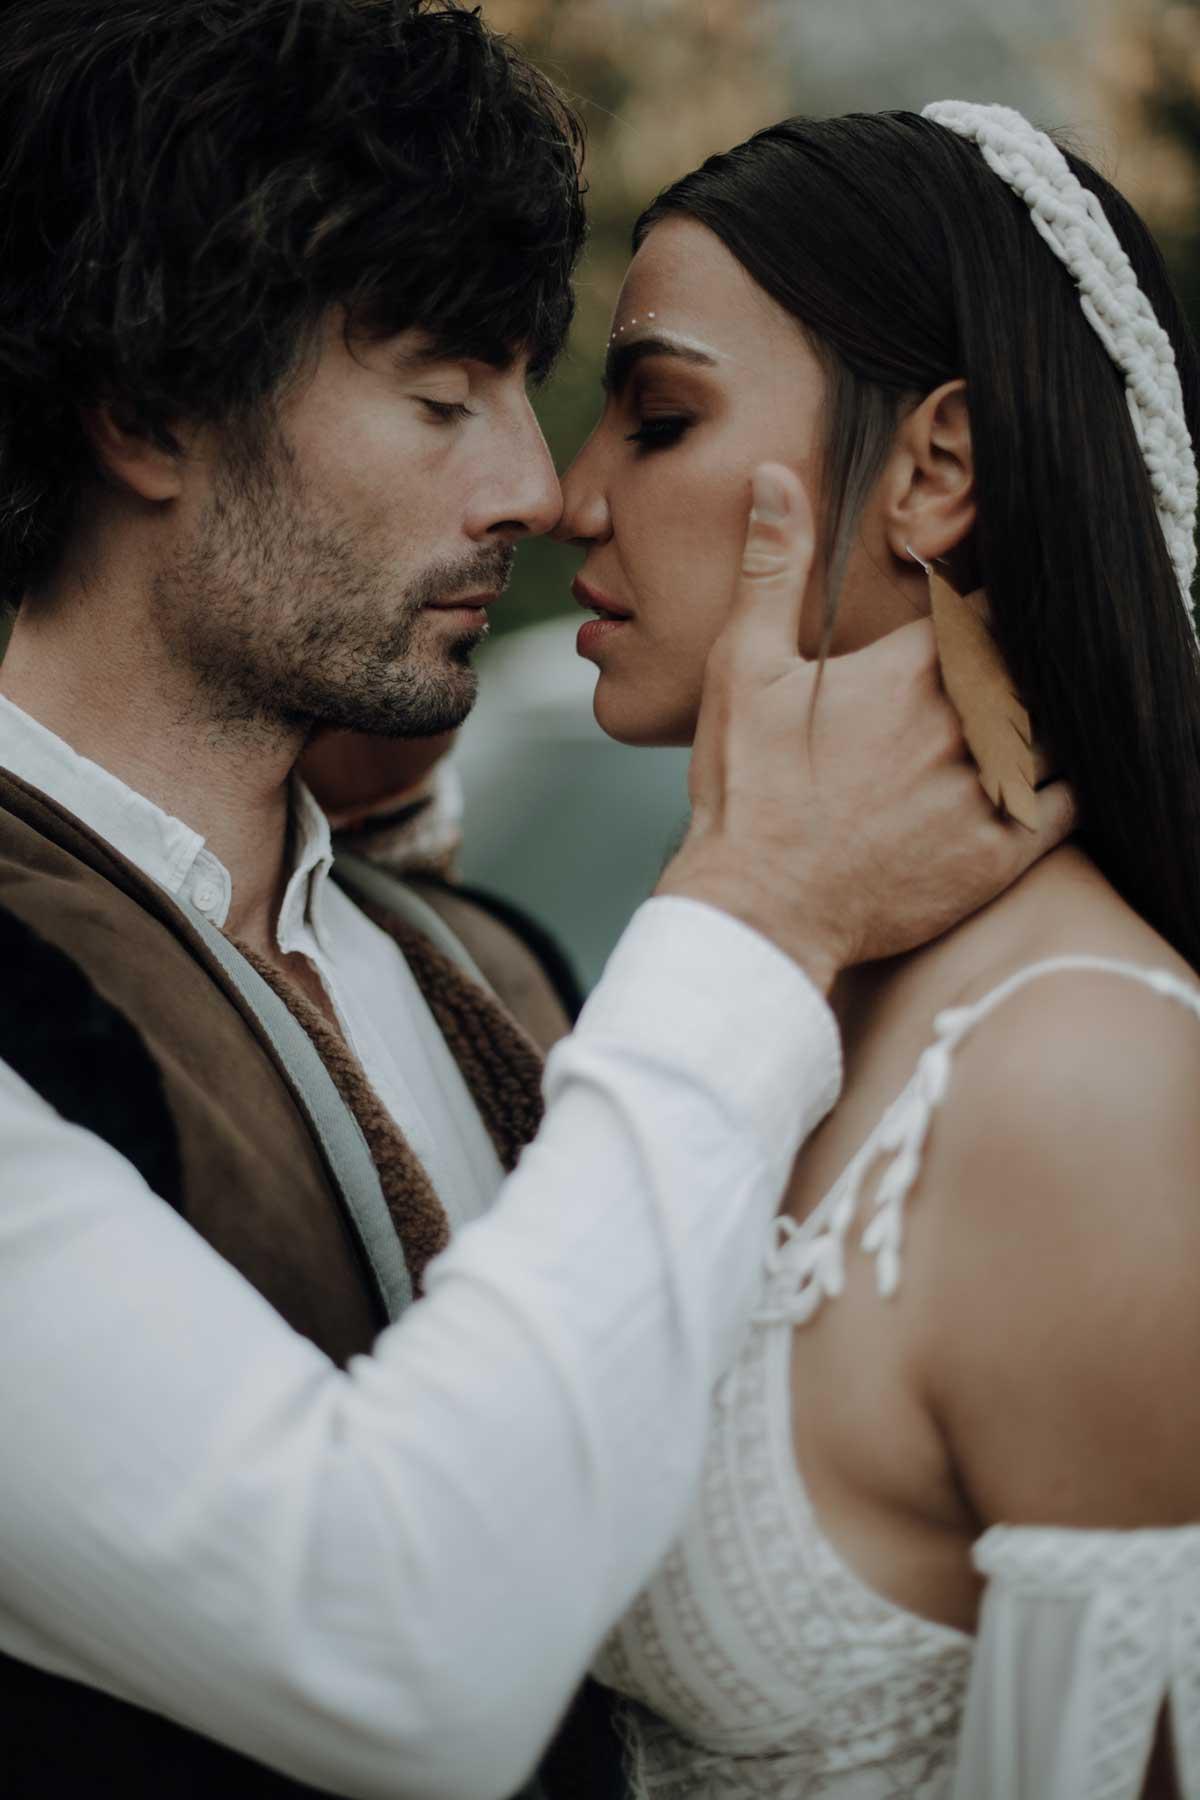 Braut und Bräutigam in einem intimen Moment am Tag der Hochzeit